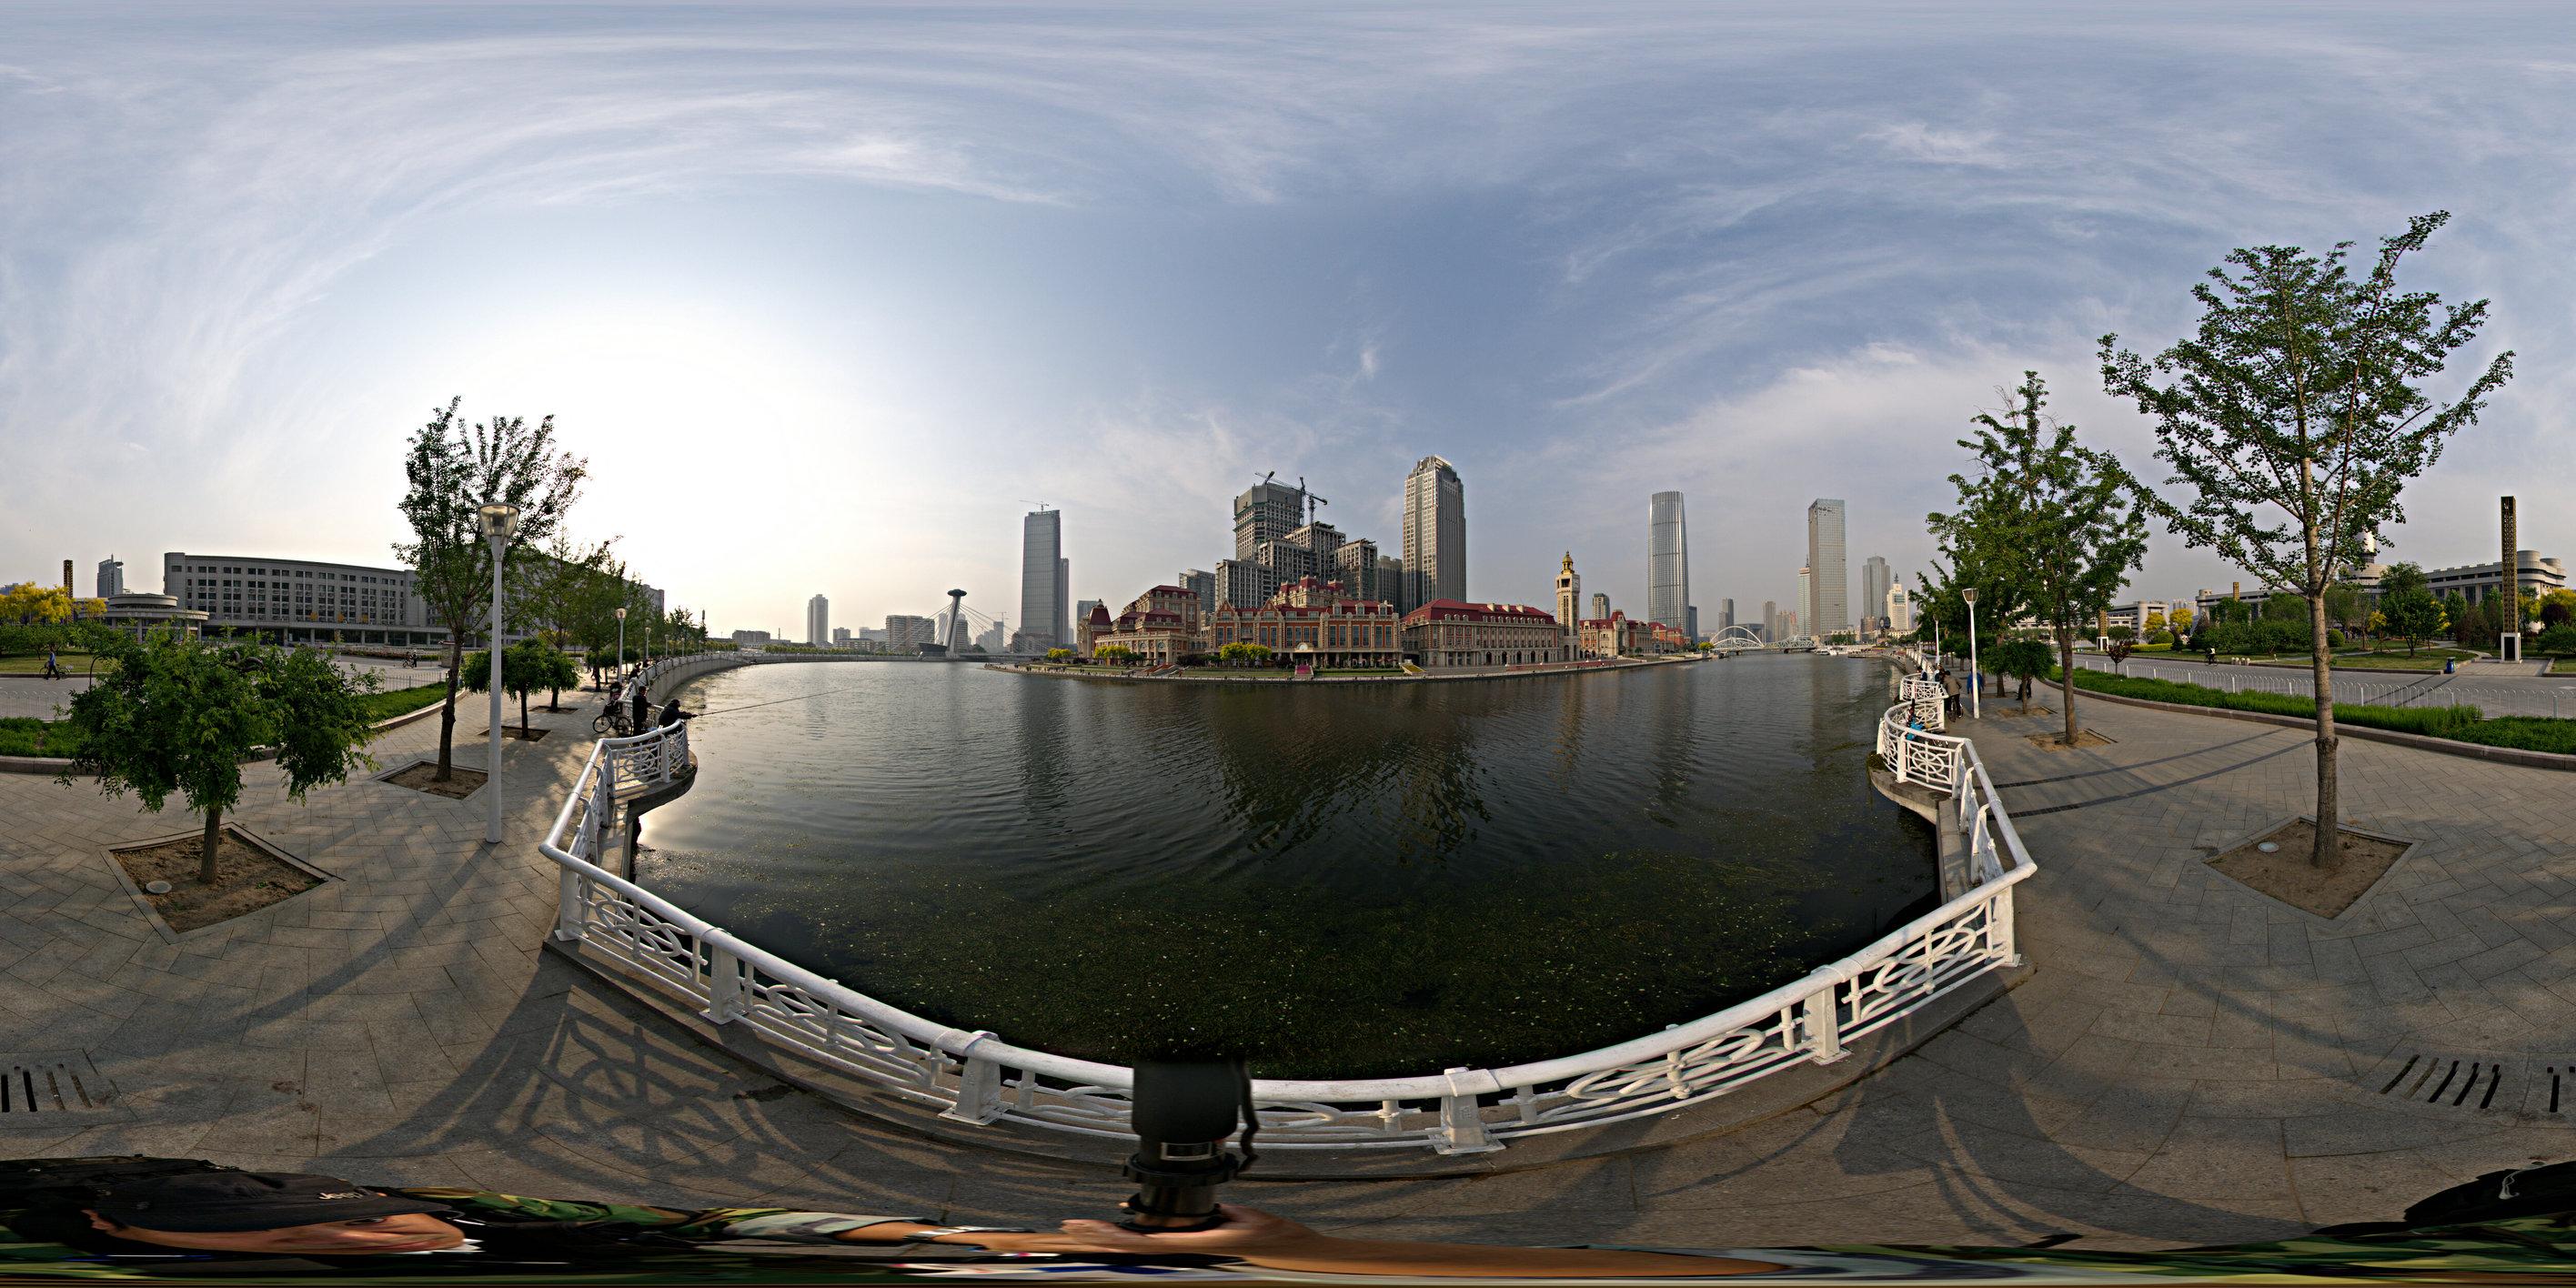 DSC_1999 Panorama_1.jpg